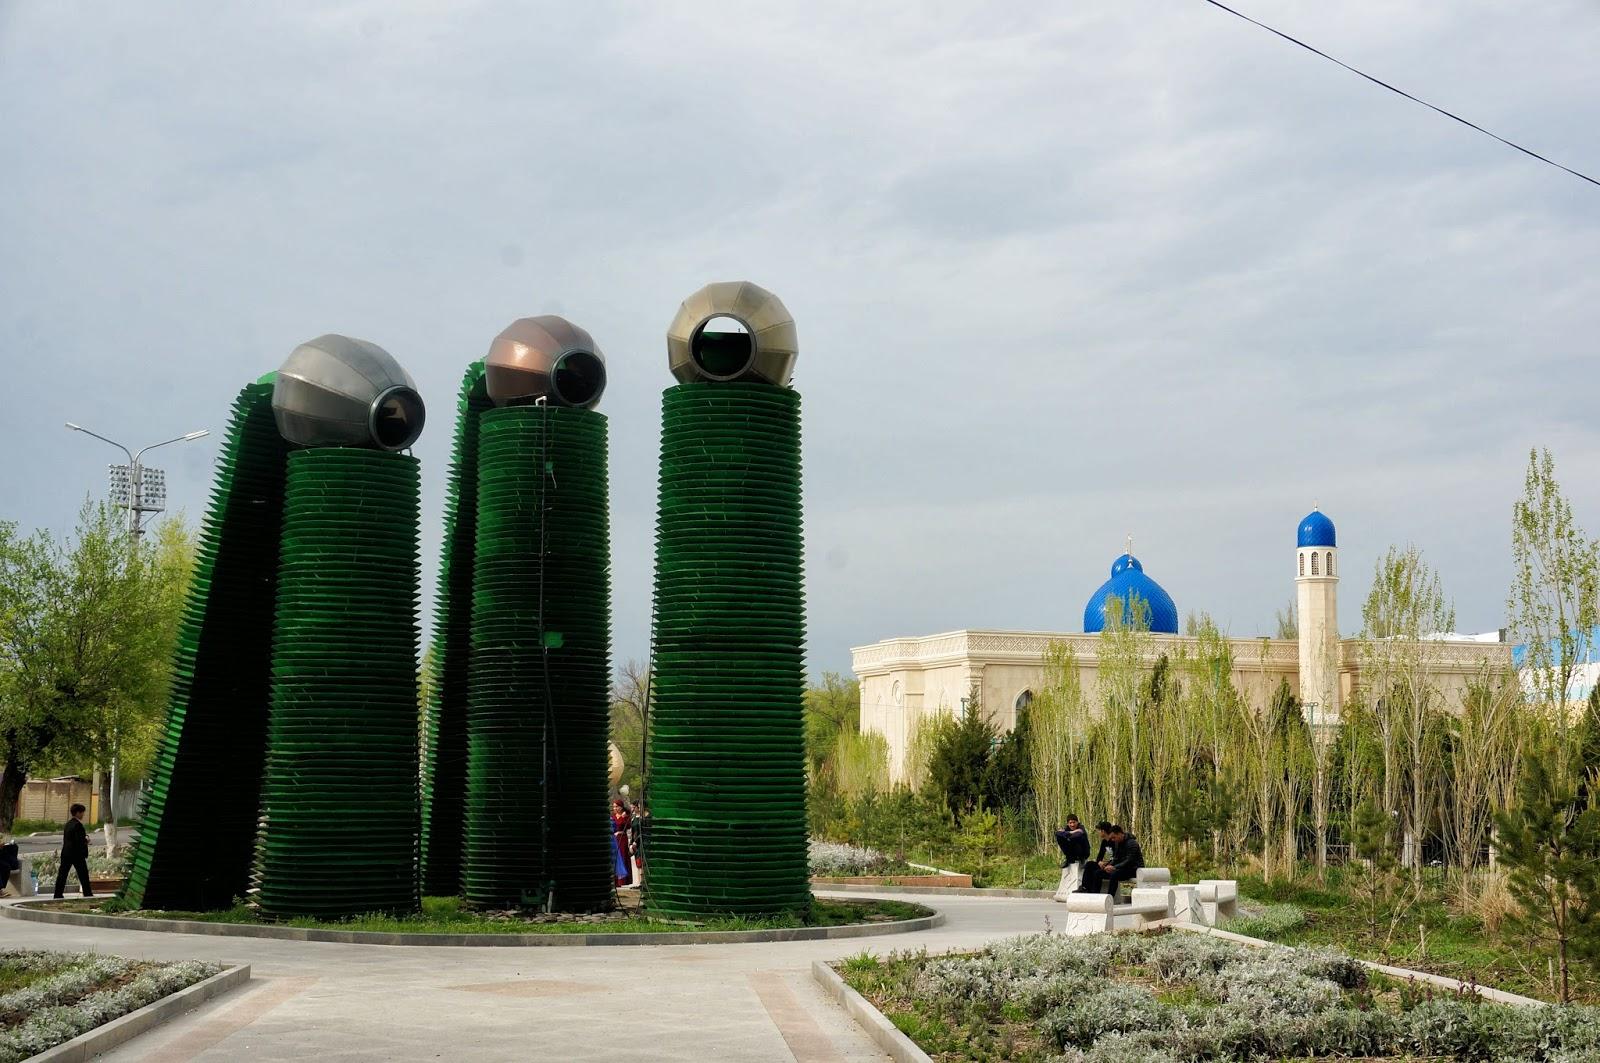 wyprawa do Kazachstanu, co zobaczyć w Kazachstanie, Kazachstan ciekawostki, zwiedzanie Kazachstanu, Kazachstan pomniki